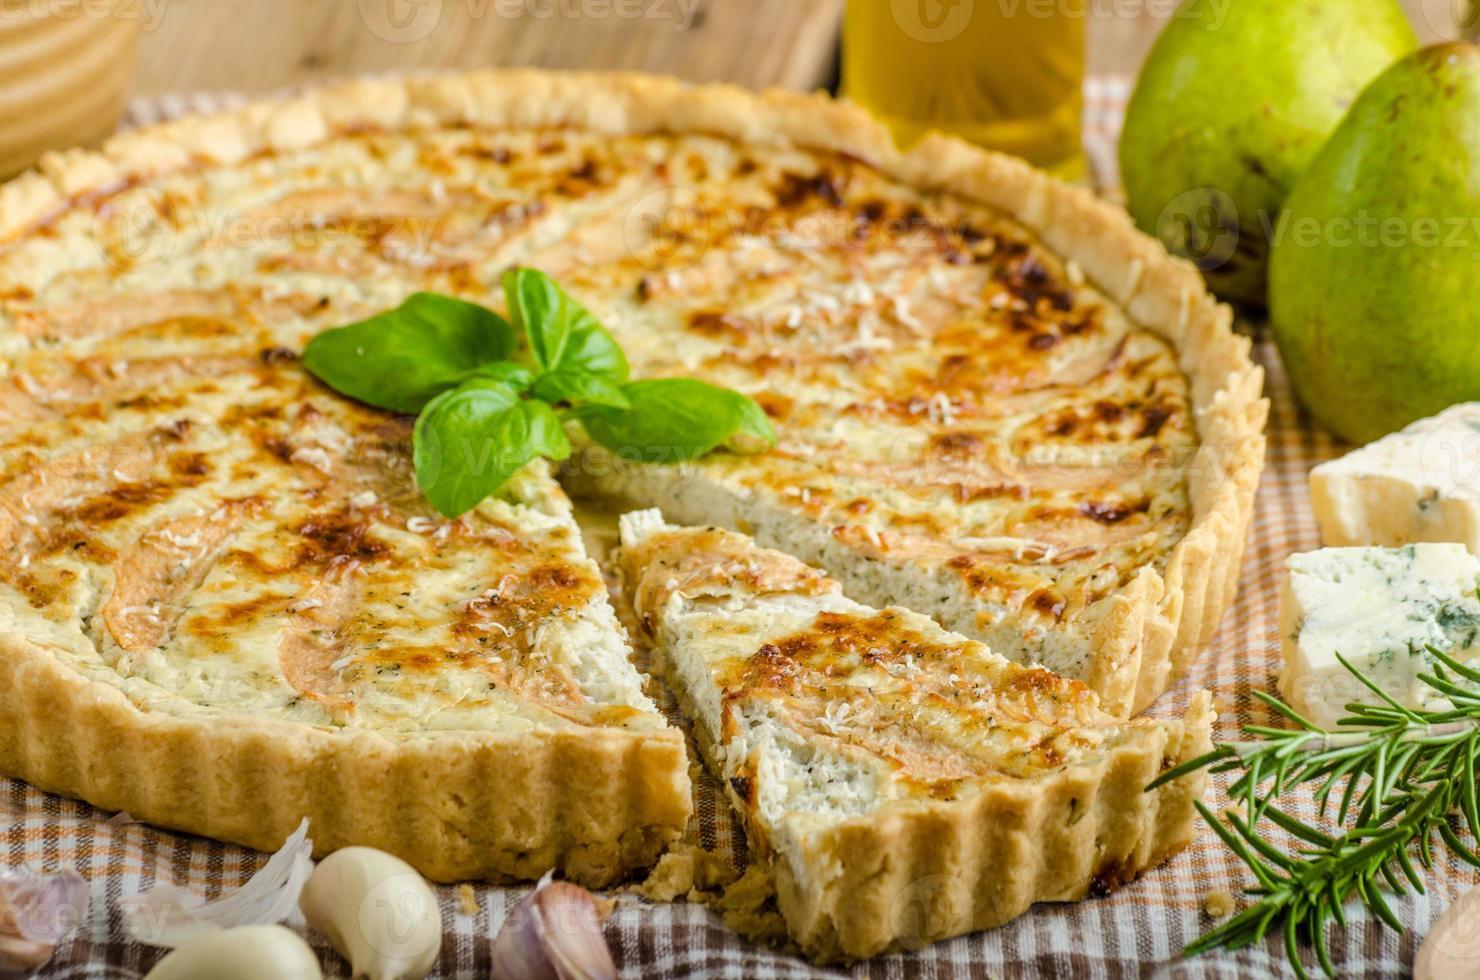 Quiche au fromage et aux poires farcies photo